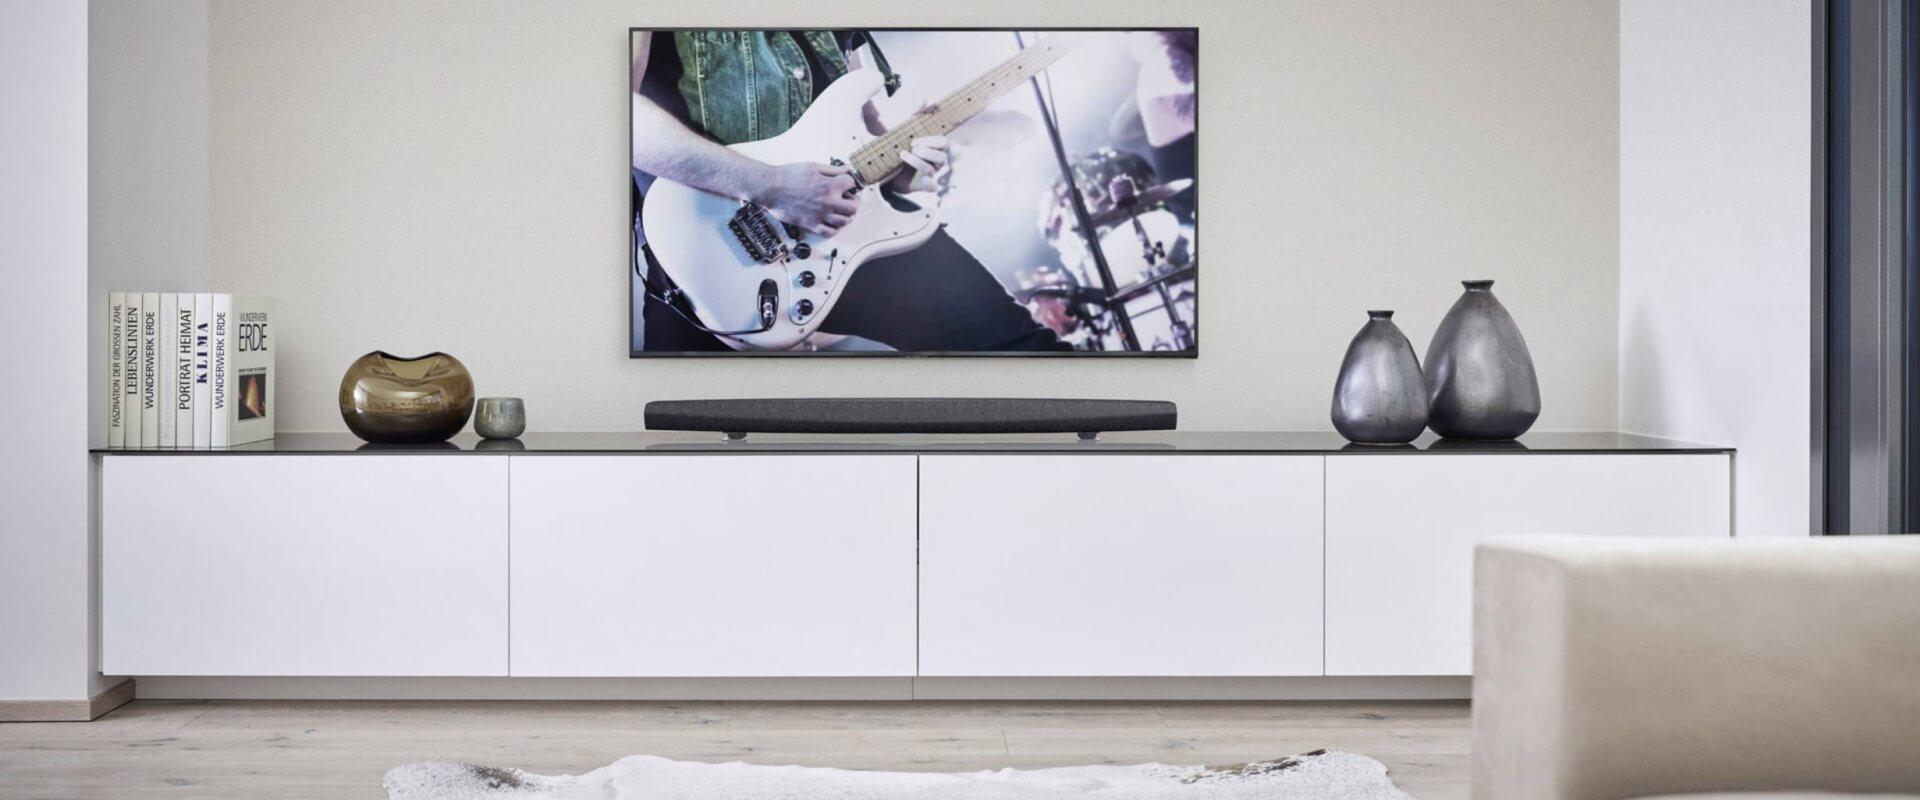 Full Size of Couch Mit Musikboxen Sofa Eingebauten Lautsprechern Lautsprecher Bluetooth Poco Und Licht Led Integriertem Big Tv Sound Verbessern Leicht Gemacht Heimkinode Wohnzimmer Sofa Mit Musikboxen